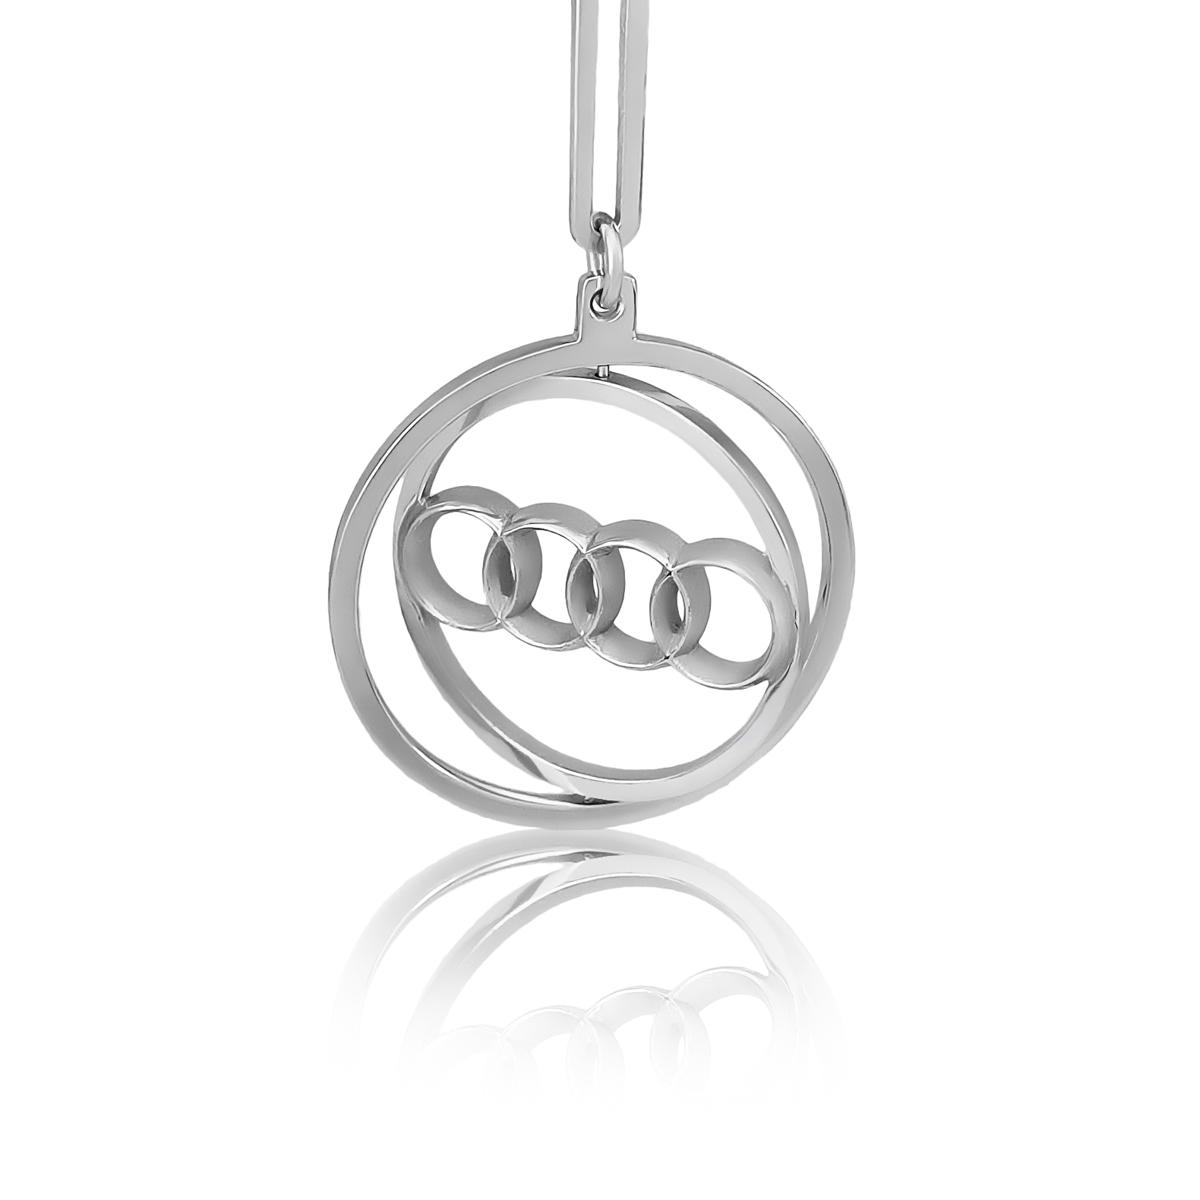 Срібний брелок з логотипом машини «Ауді»